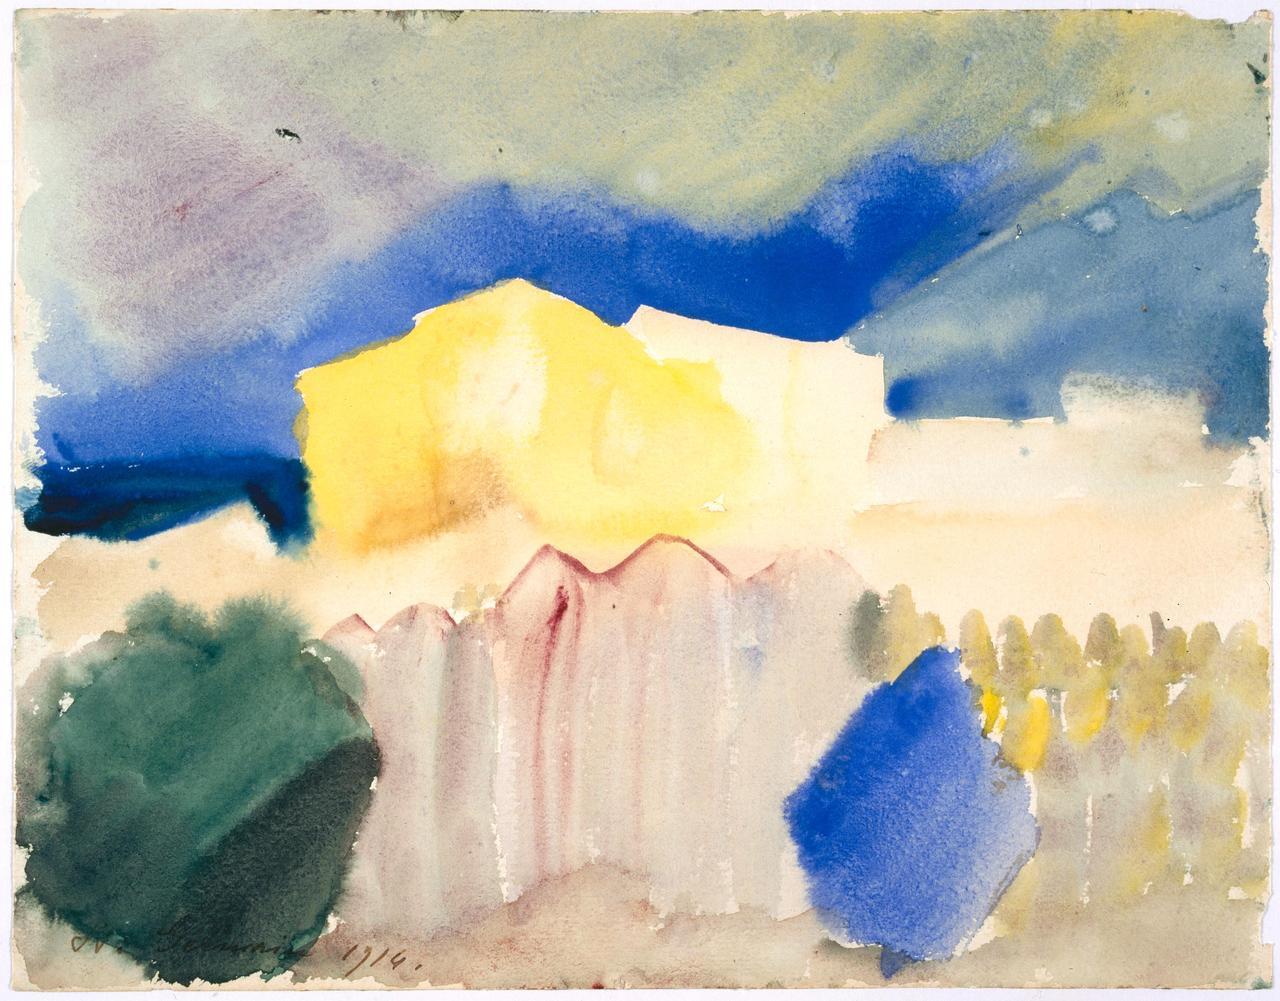 Il viaggio in Tunisia di Klee, Macke e Moilliet che ha cambiato l'arte moderna - Rai News